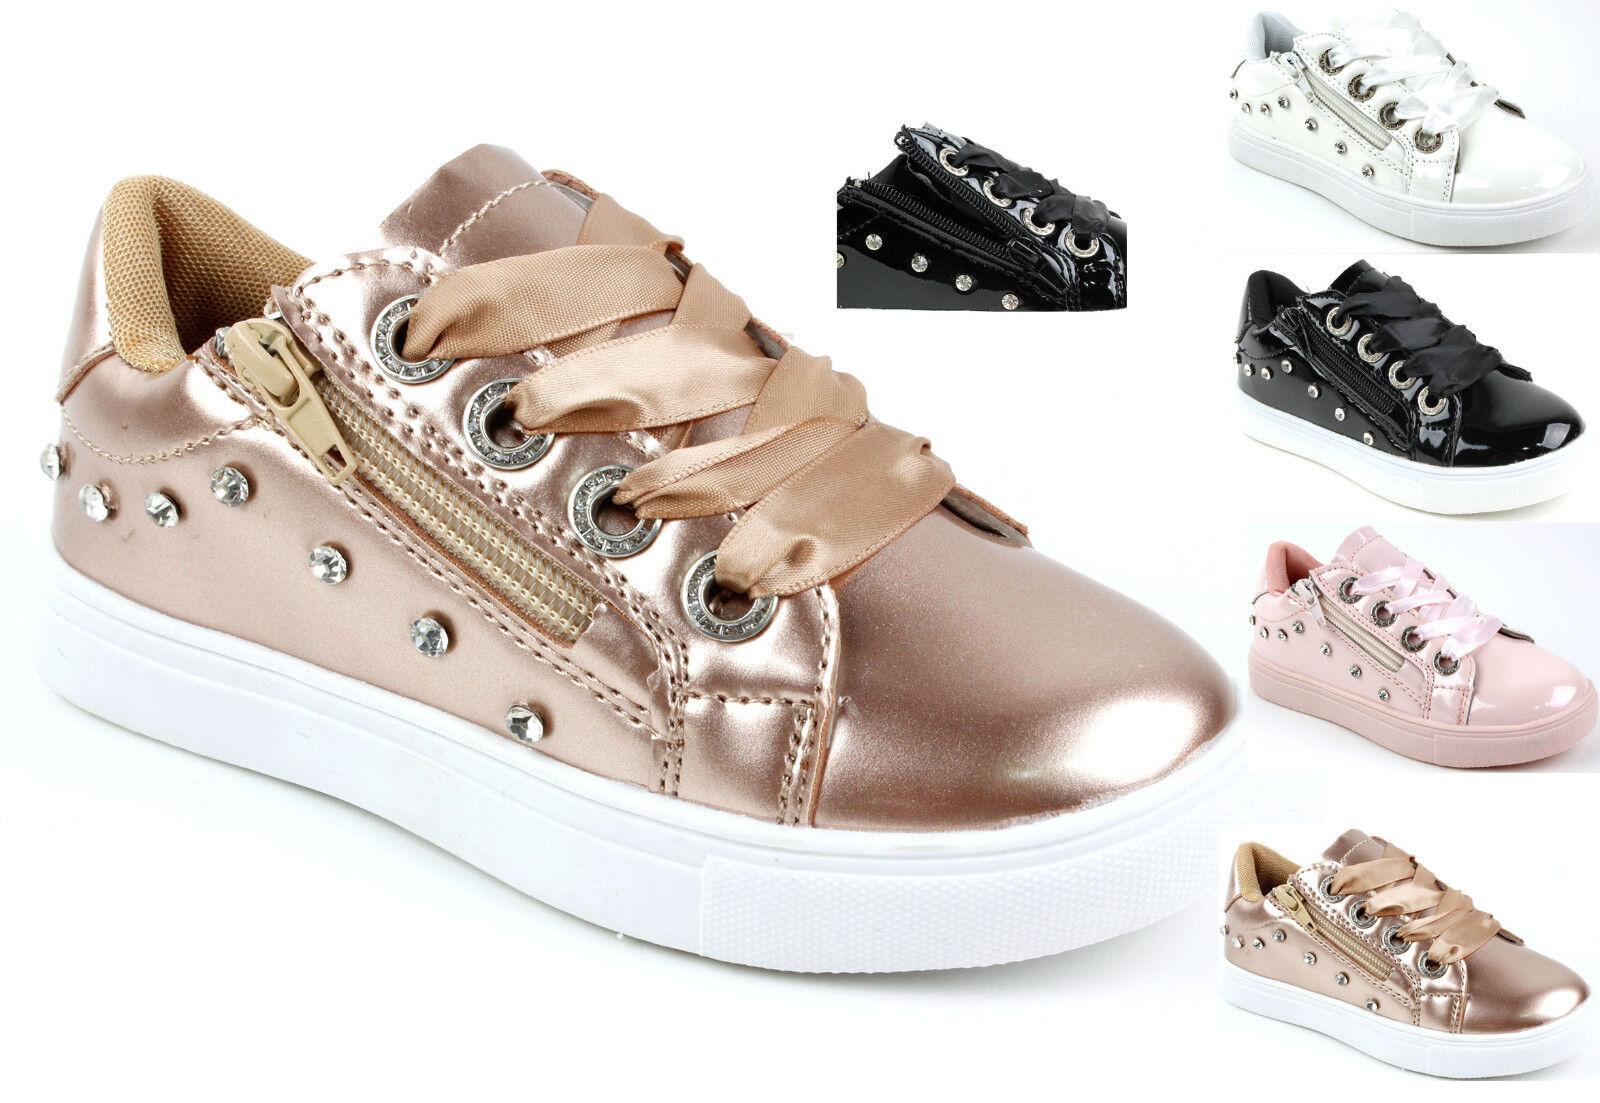 557f27ddf94820 Kinder Sportschuhe Sneakers Turnschuhe für Mädchen Strassteine  Reißverschluss